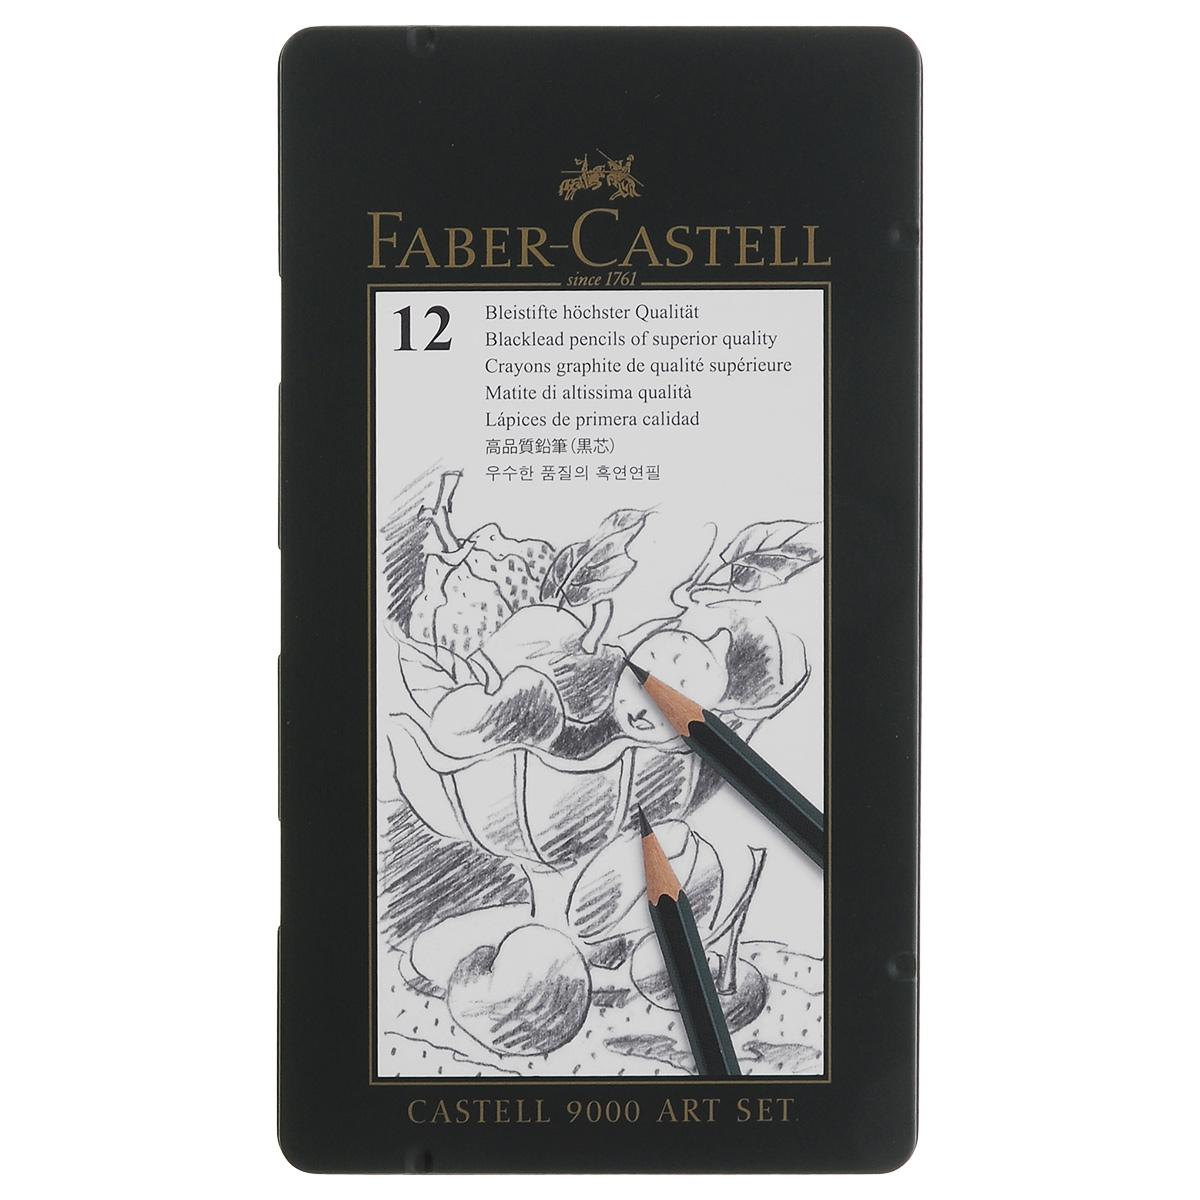 Карандаш чернографитный Faber-Castell, 12 шт115827Чернографитный карандаш Faber-Castell станет не только идеальным инструментом для письма, рисования или черчения, но и дополнит ваш имидж. Шестигранный корпус выполнен из натуральной древесины с зеленым глянцевым покрытием с надписями золотого цвета. Высококачественный ударопрочный грифель не крошится и не ломается при заточке. В наборе 12 карандашей с разной твердостью. Карандаши упакованы в специальную жестяную коробку.